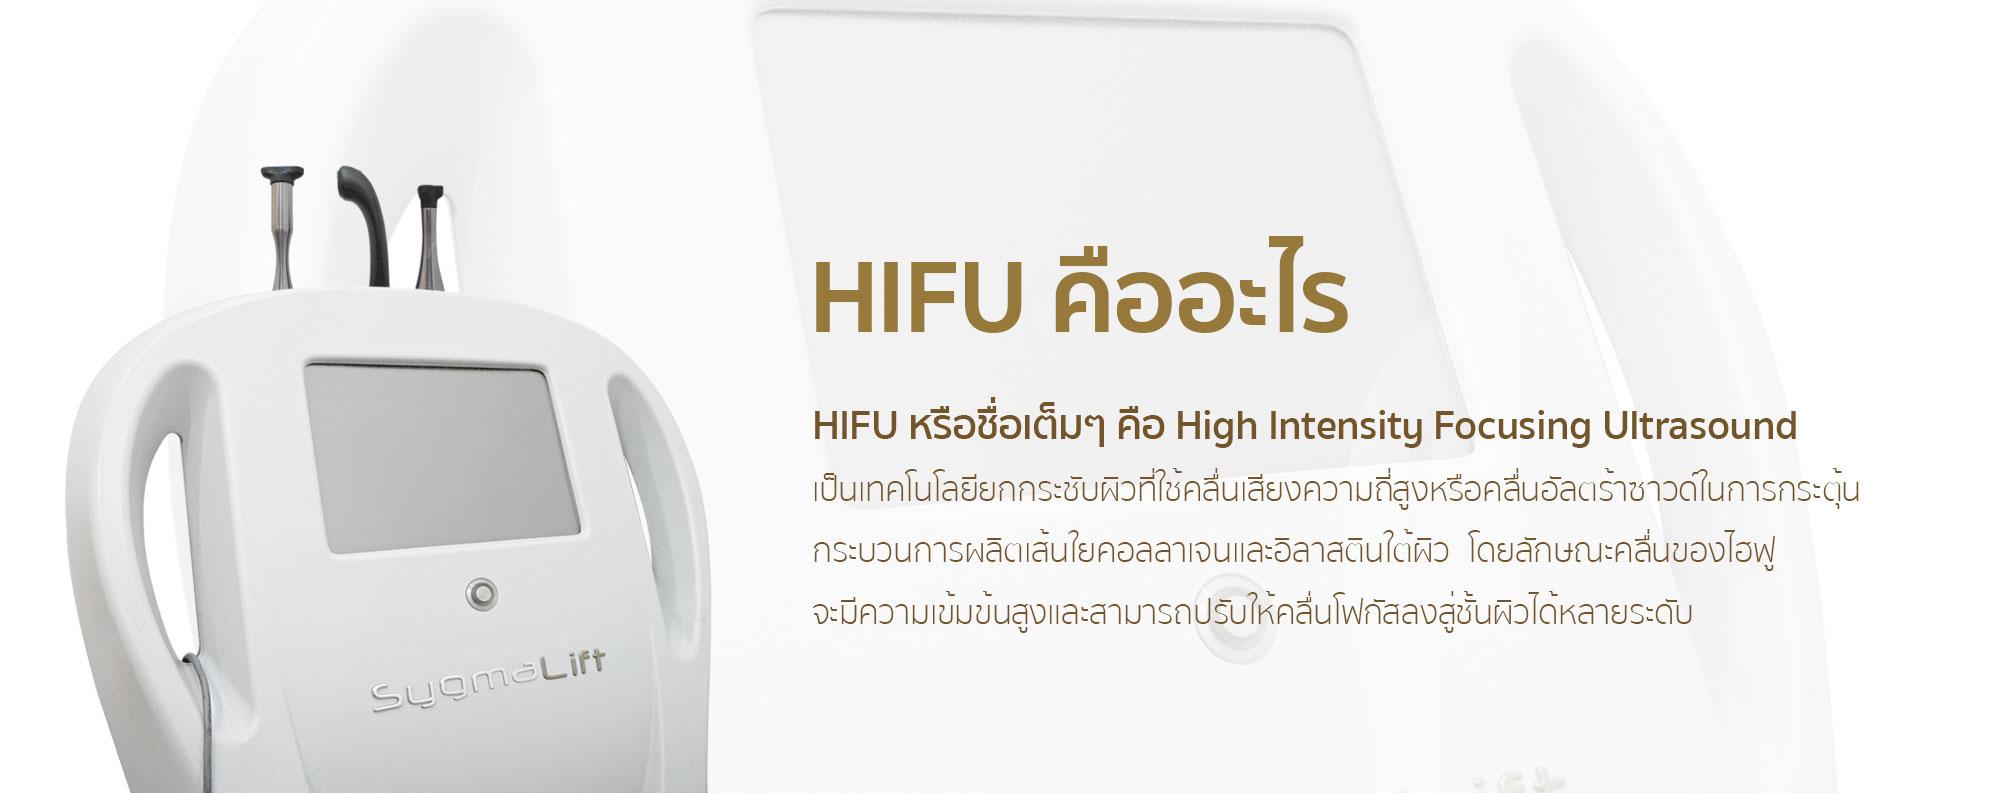 AW1-Hifu